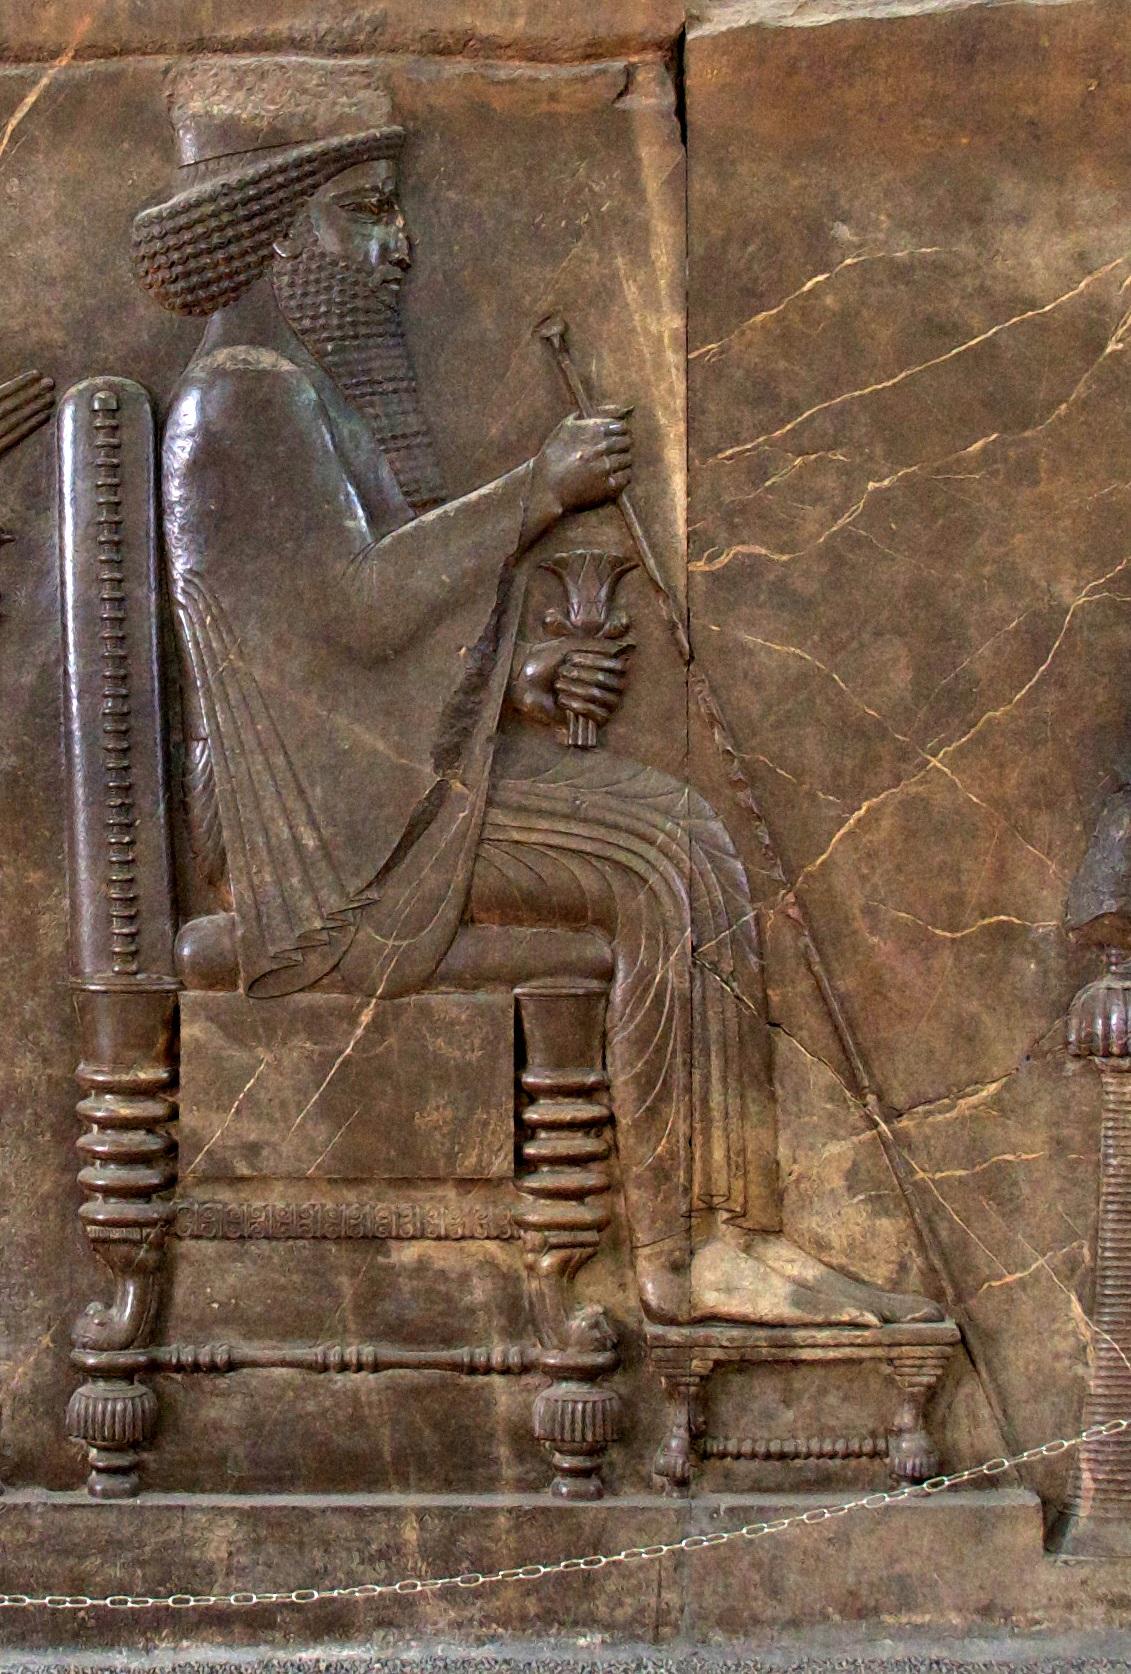 Golden Scepter of Ahasuerus